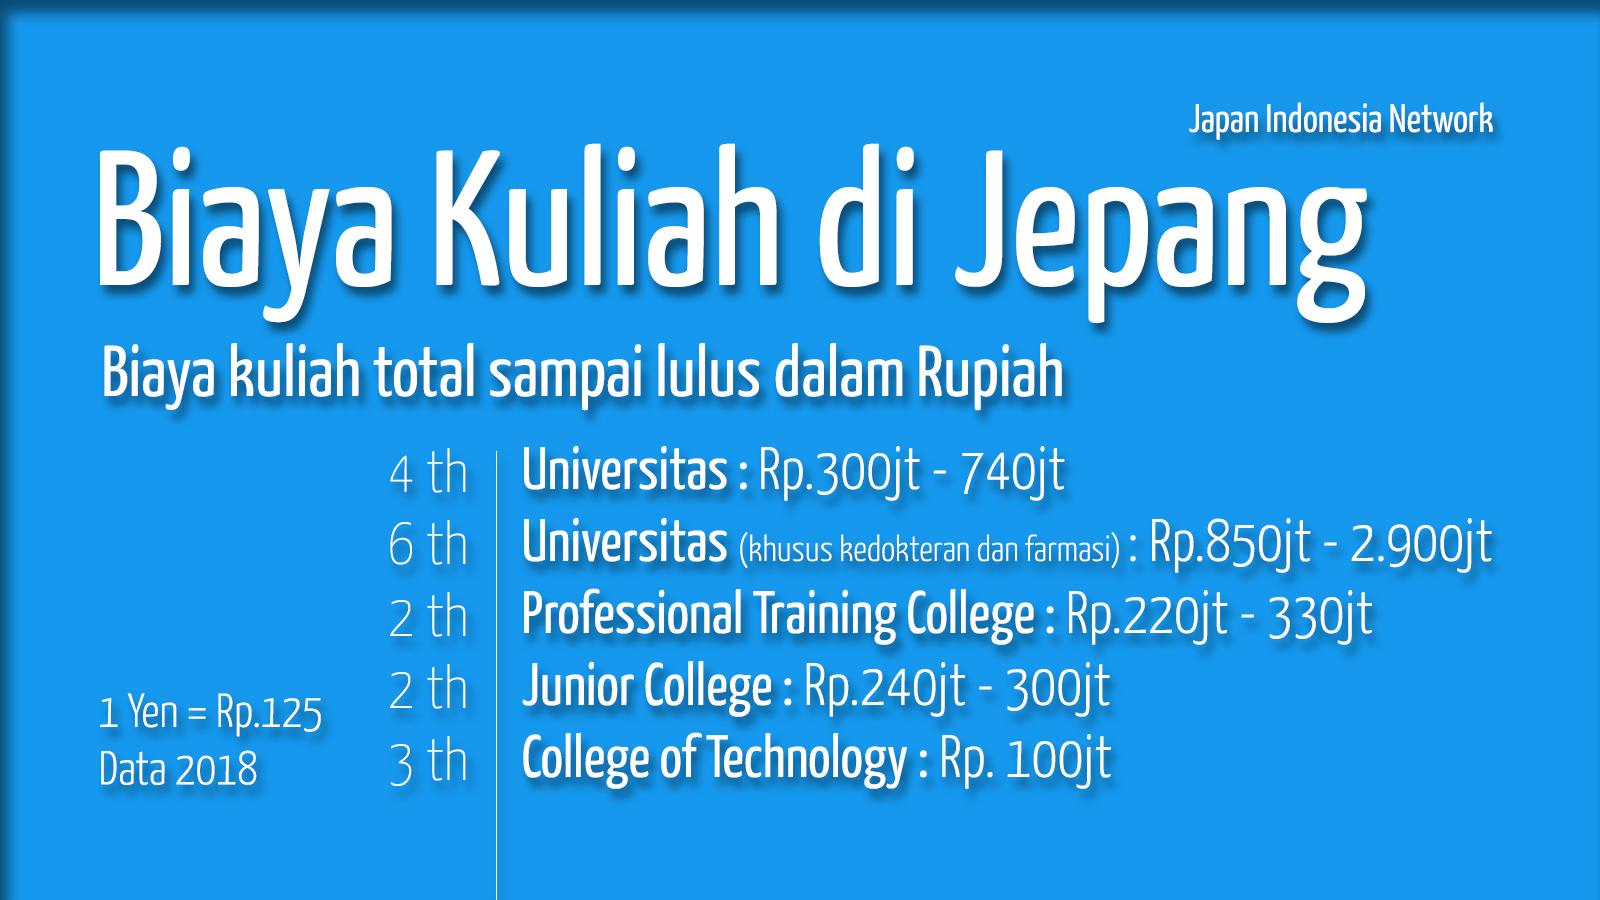 Biaya Kuliah di Jepang - Total sampai Lulus - Japan Indonesia Network 2018